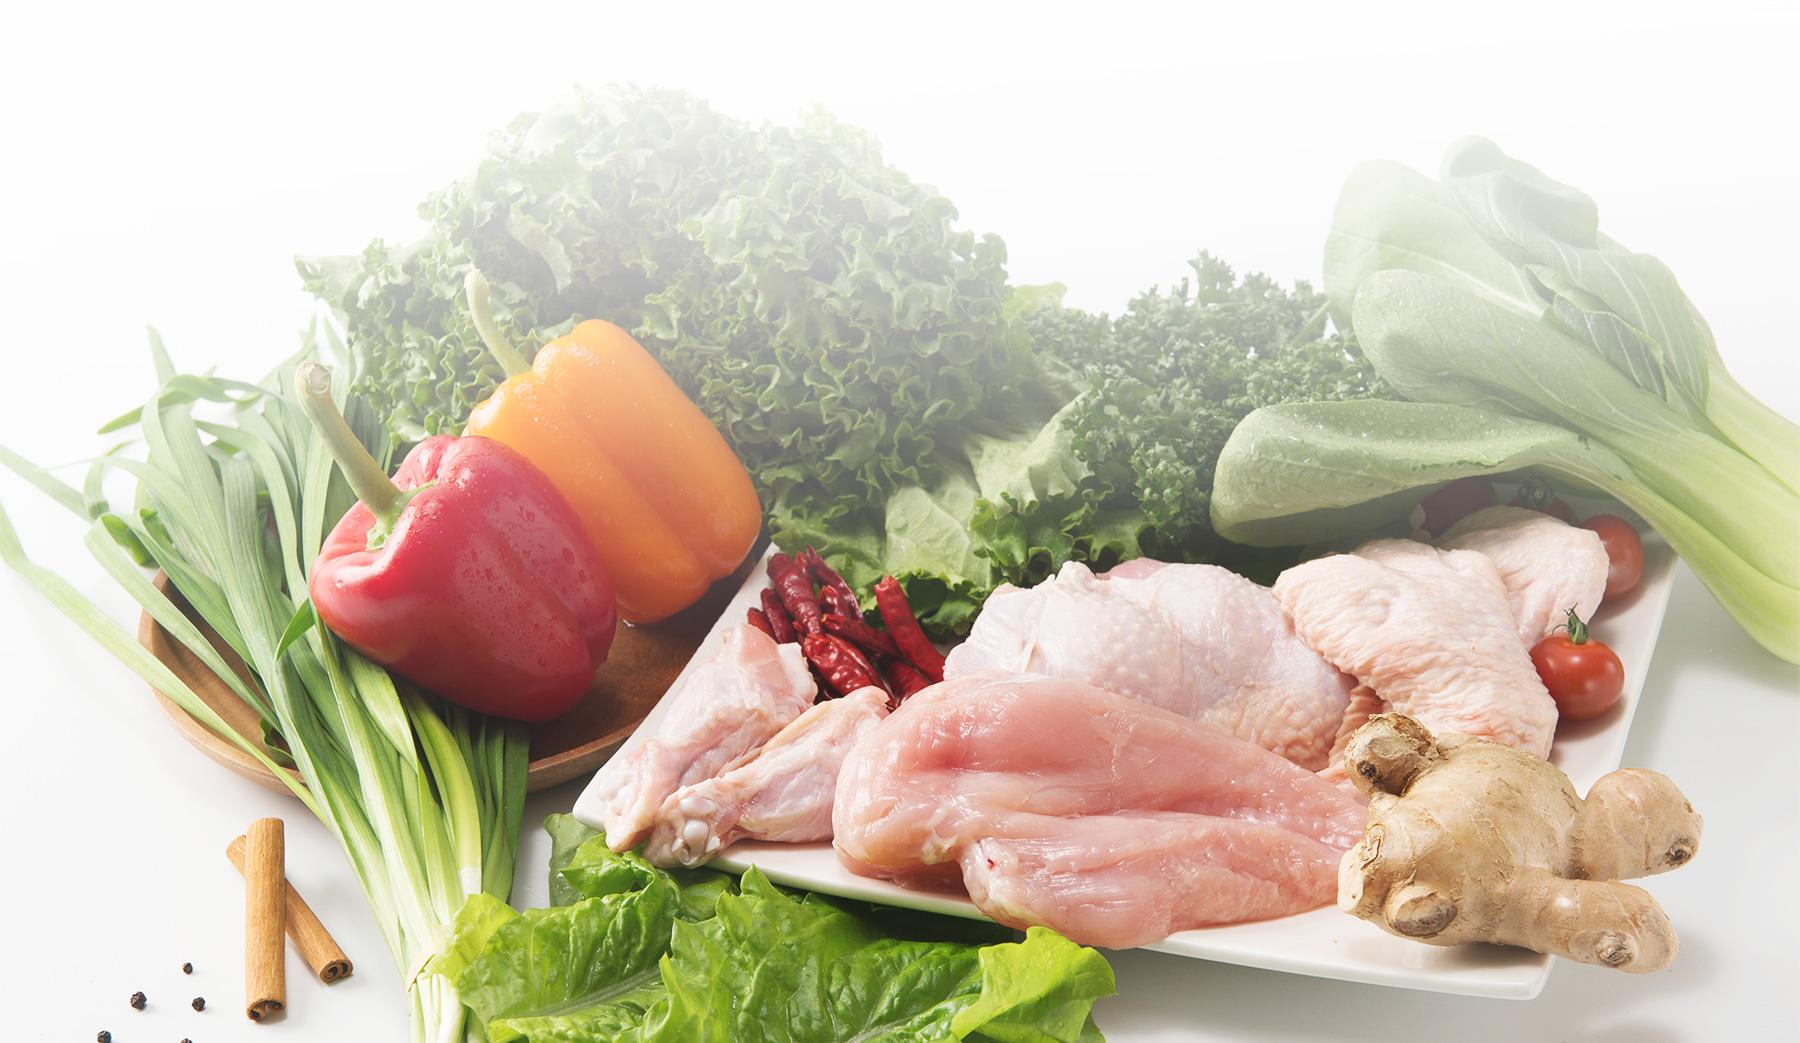 マザーフーズは本当に美味しい鶏肉を提供しています。